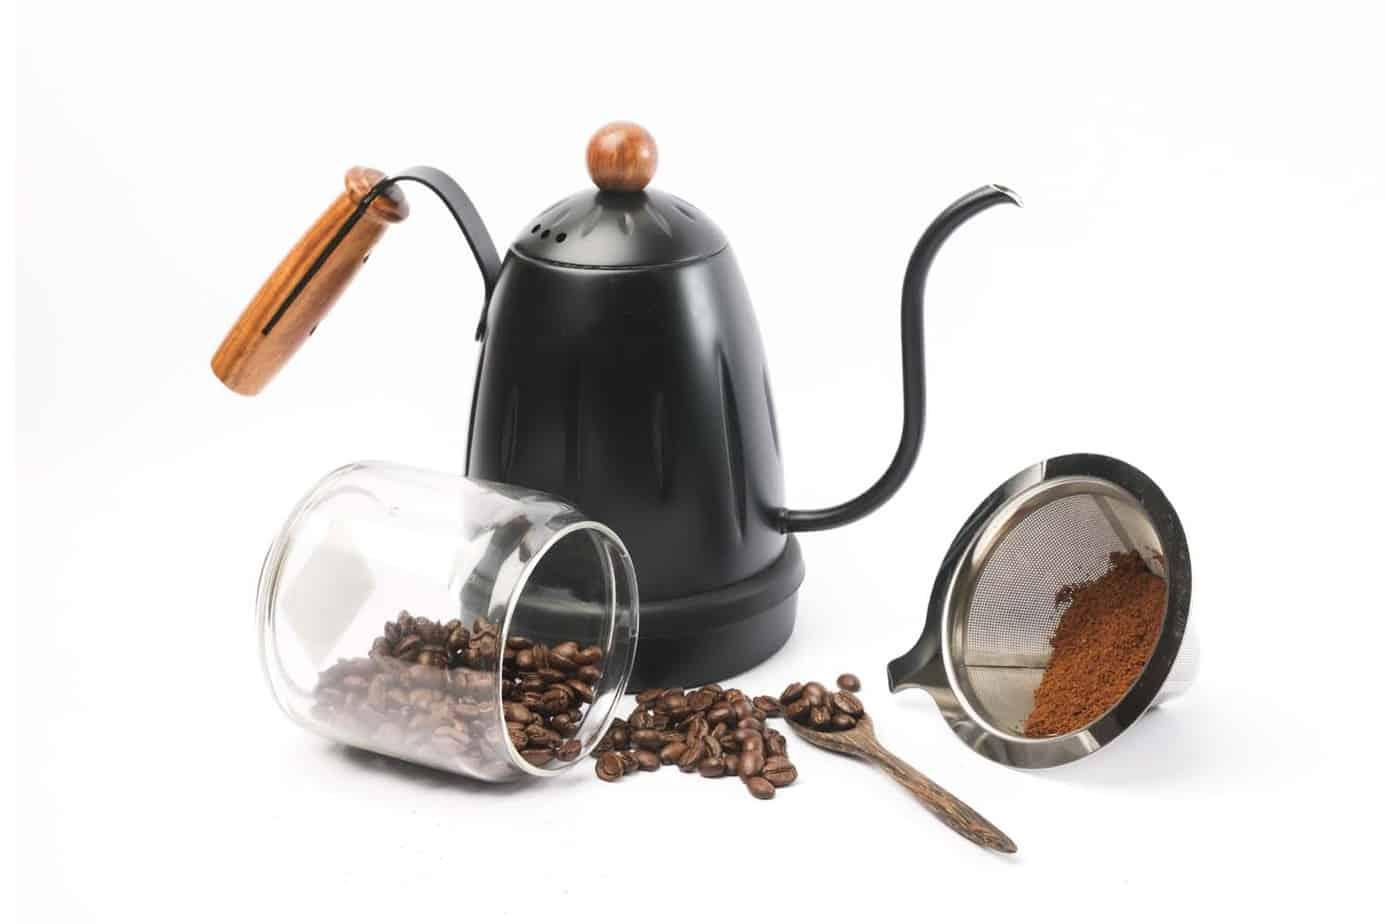 Best electric coffee kettle